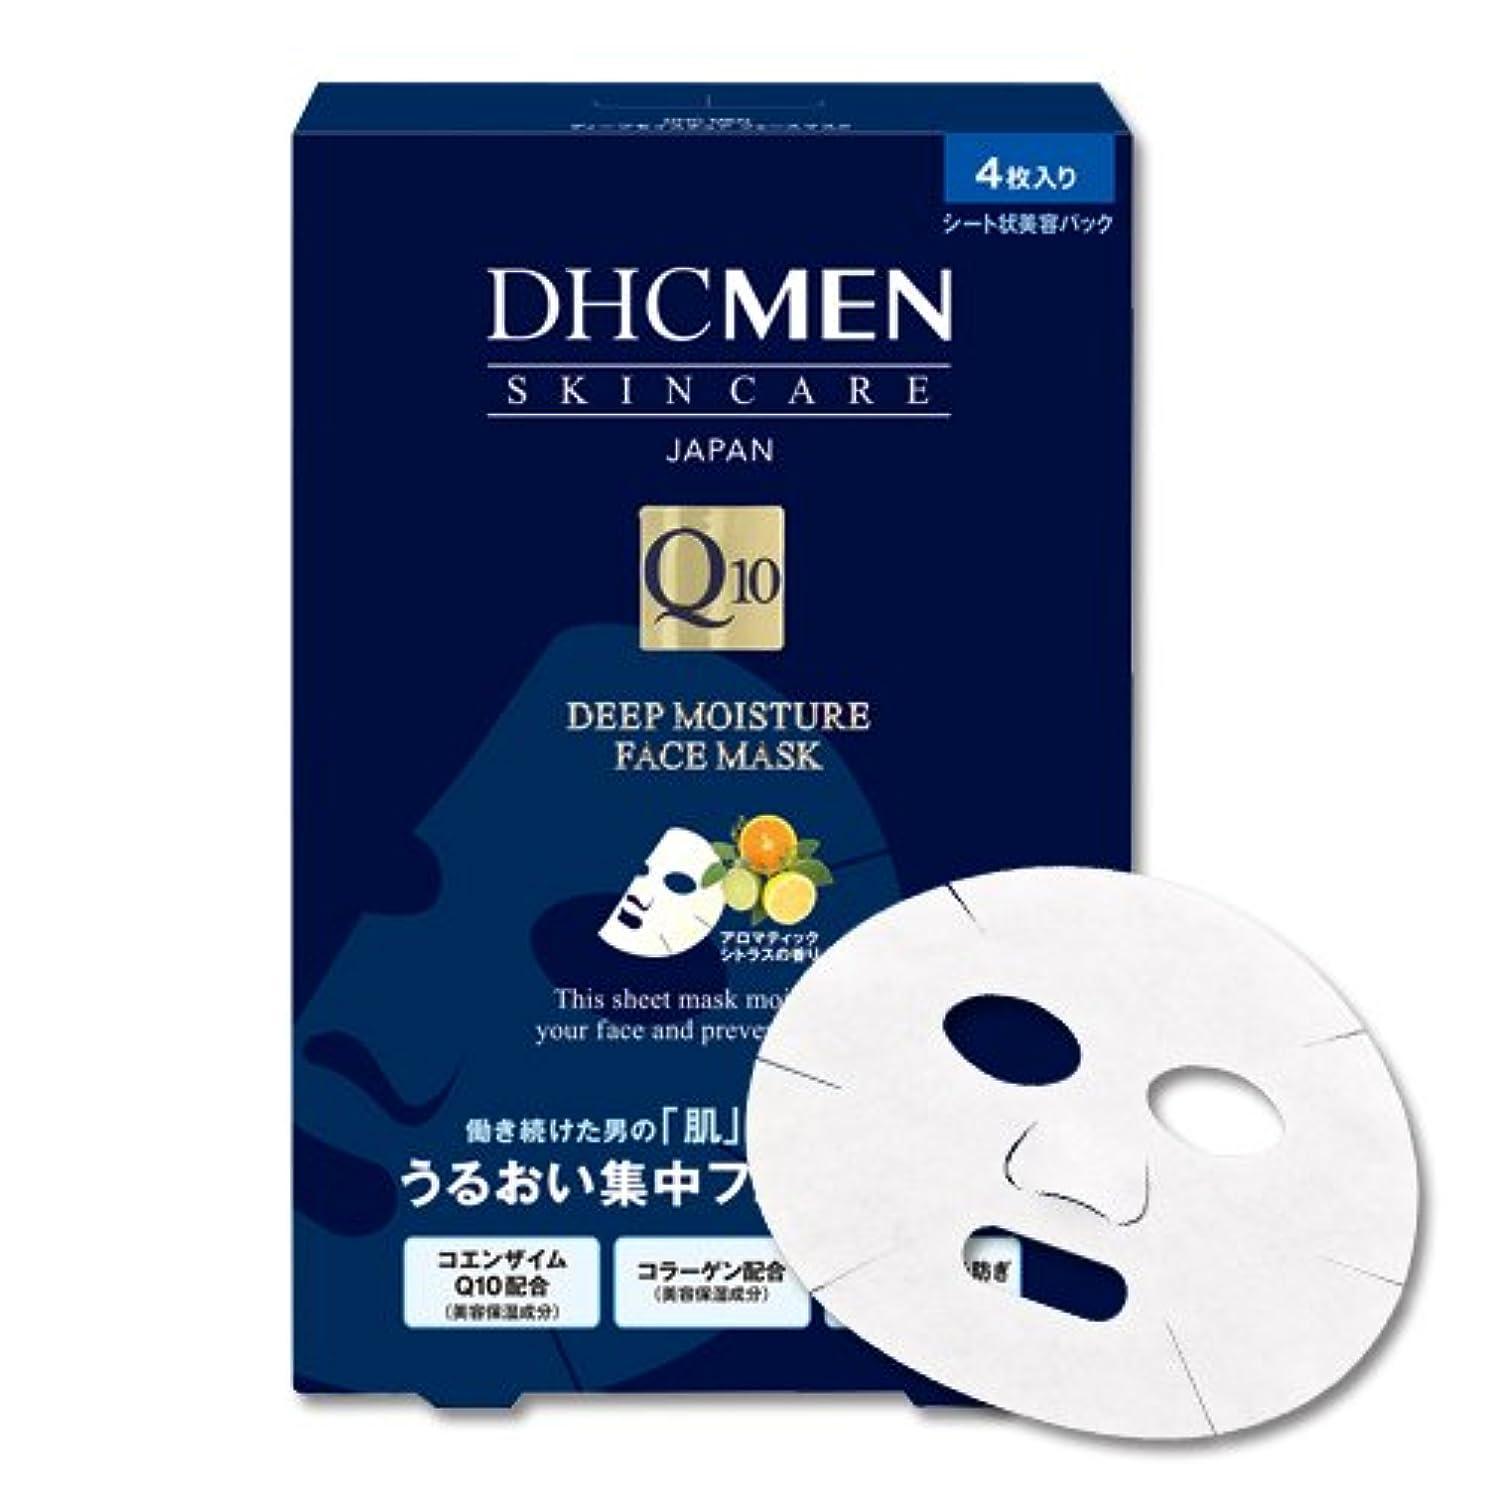 コンパイル応答空DHC MEN ディープモイスチュア フェースマスク